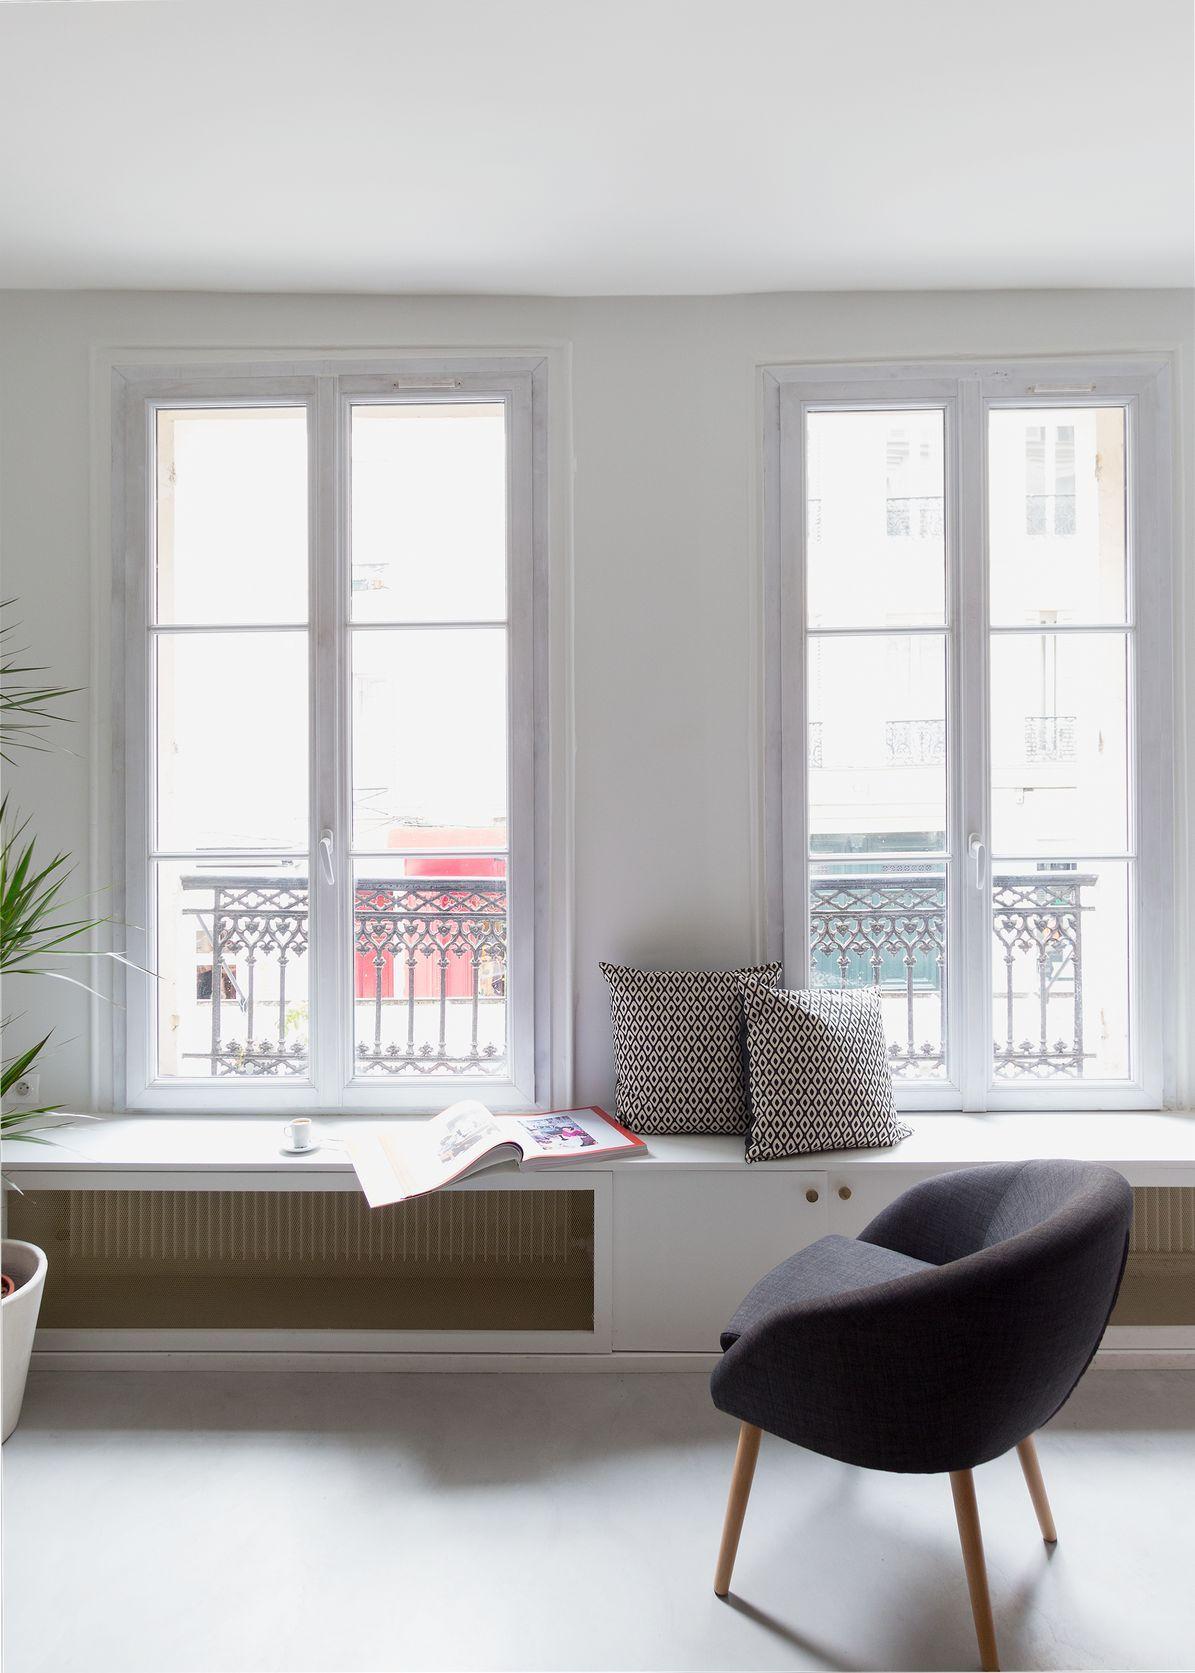 Salon appartement parisien de m gcg architectes awesome